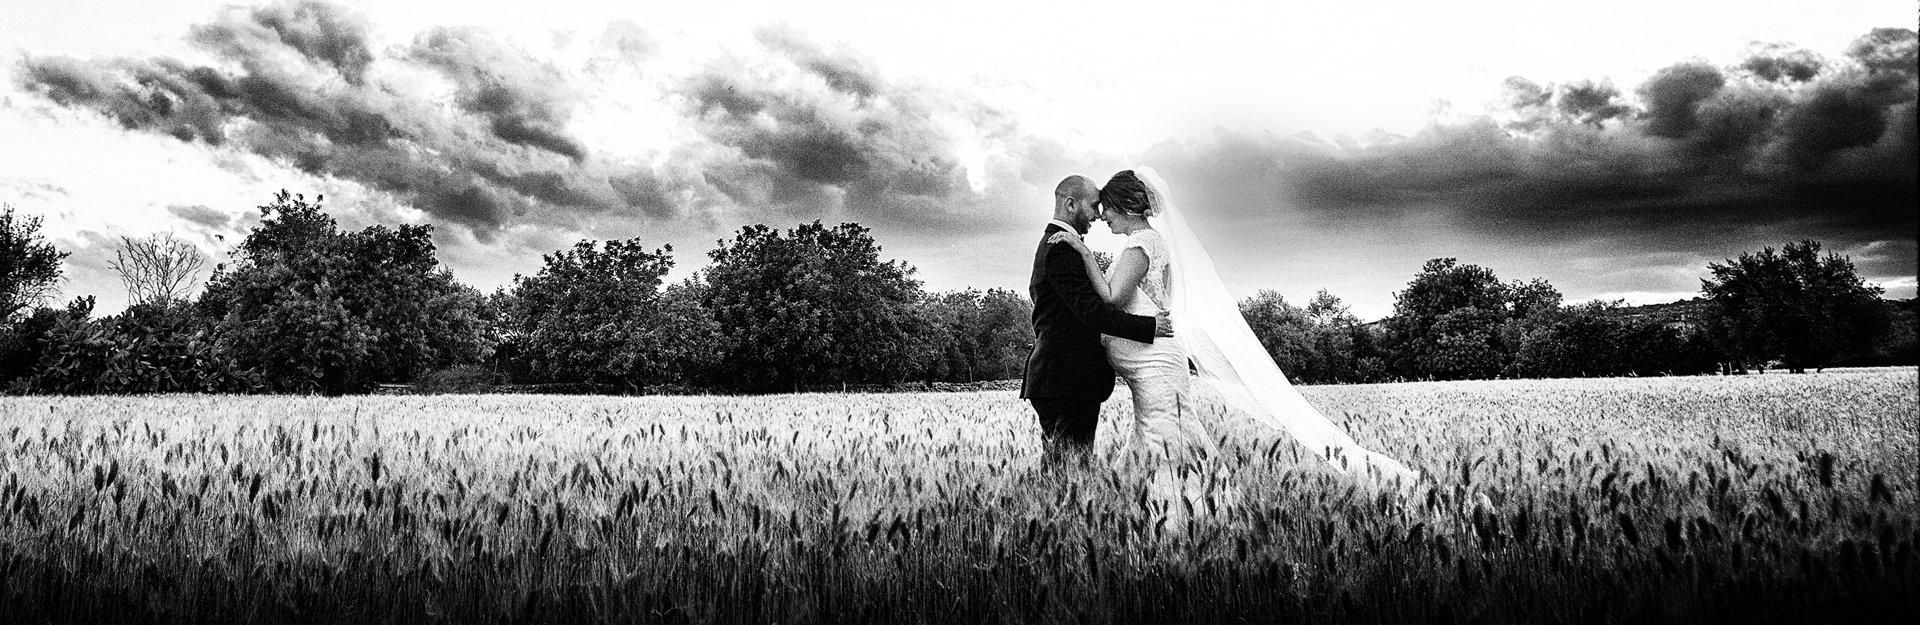 wedding bianco e nero